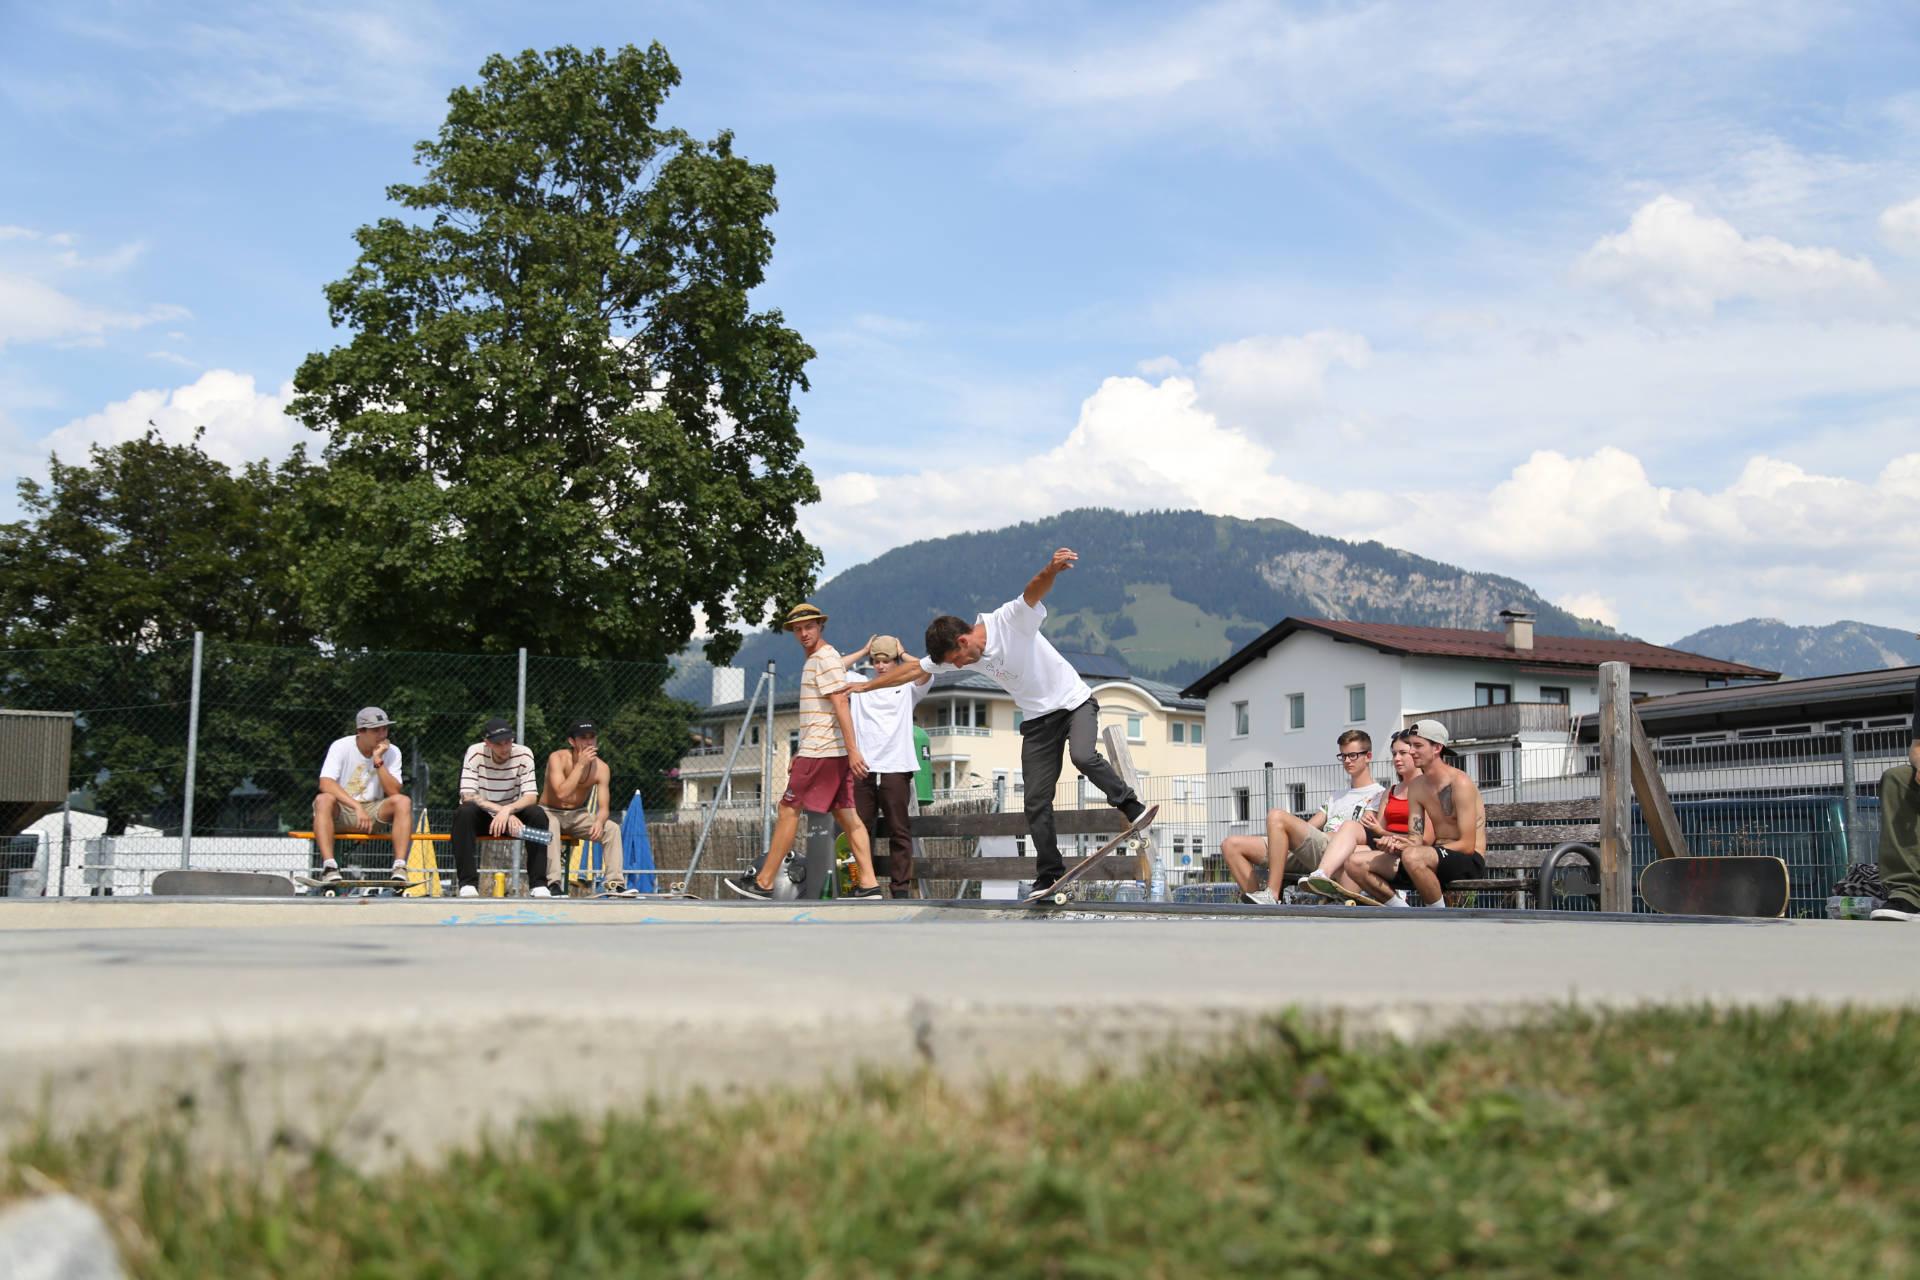 skateboardheadz st johann in tirol kgt 2019 finale 00132